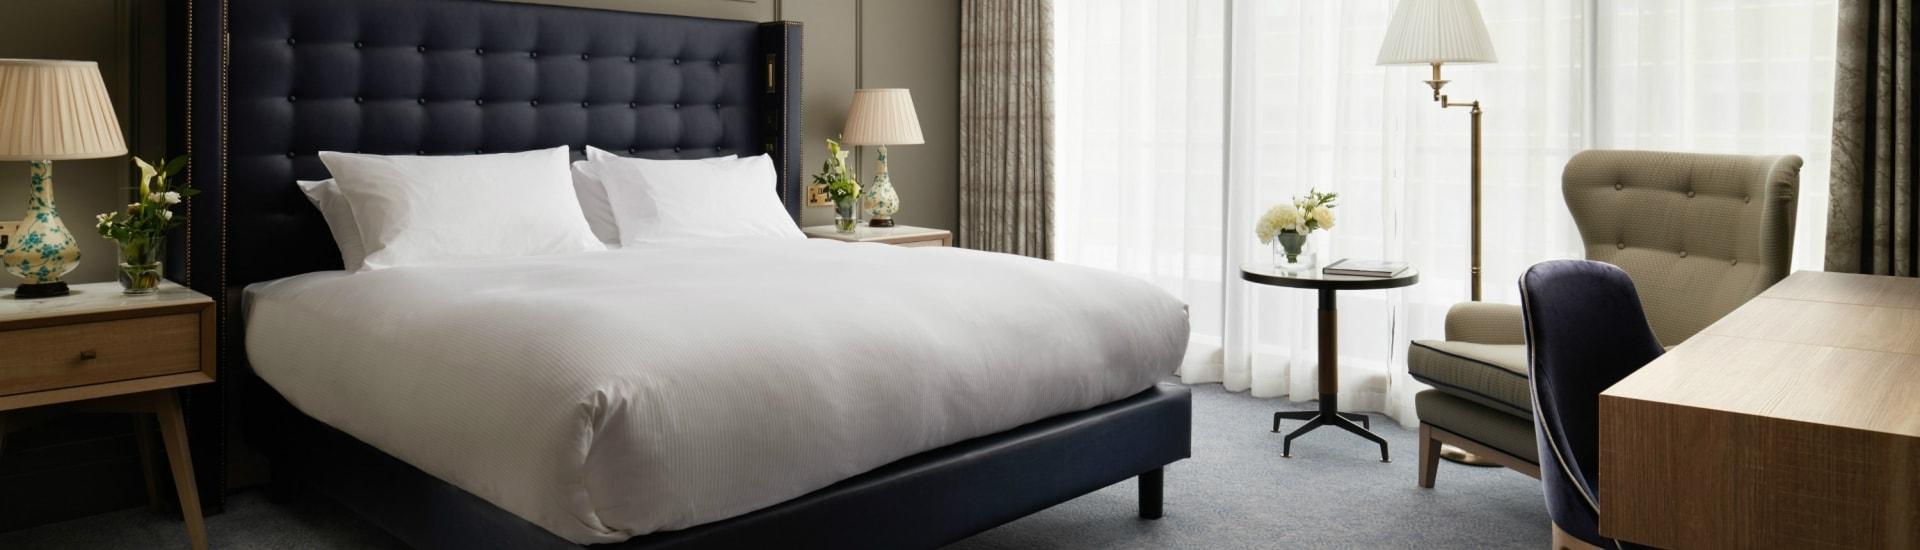 Rooms-Suites-Homepage-Slide1